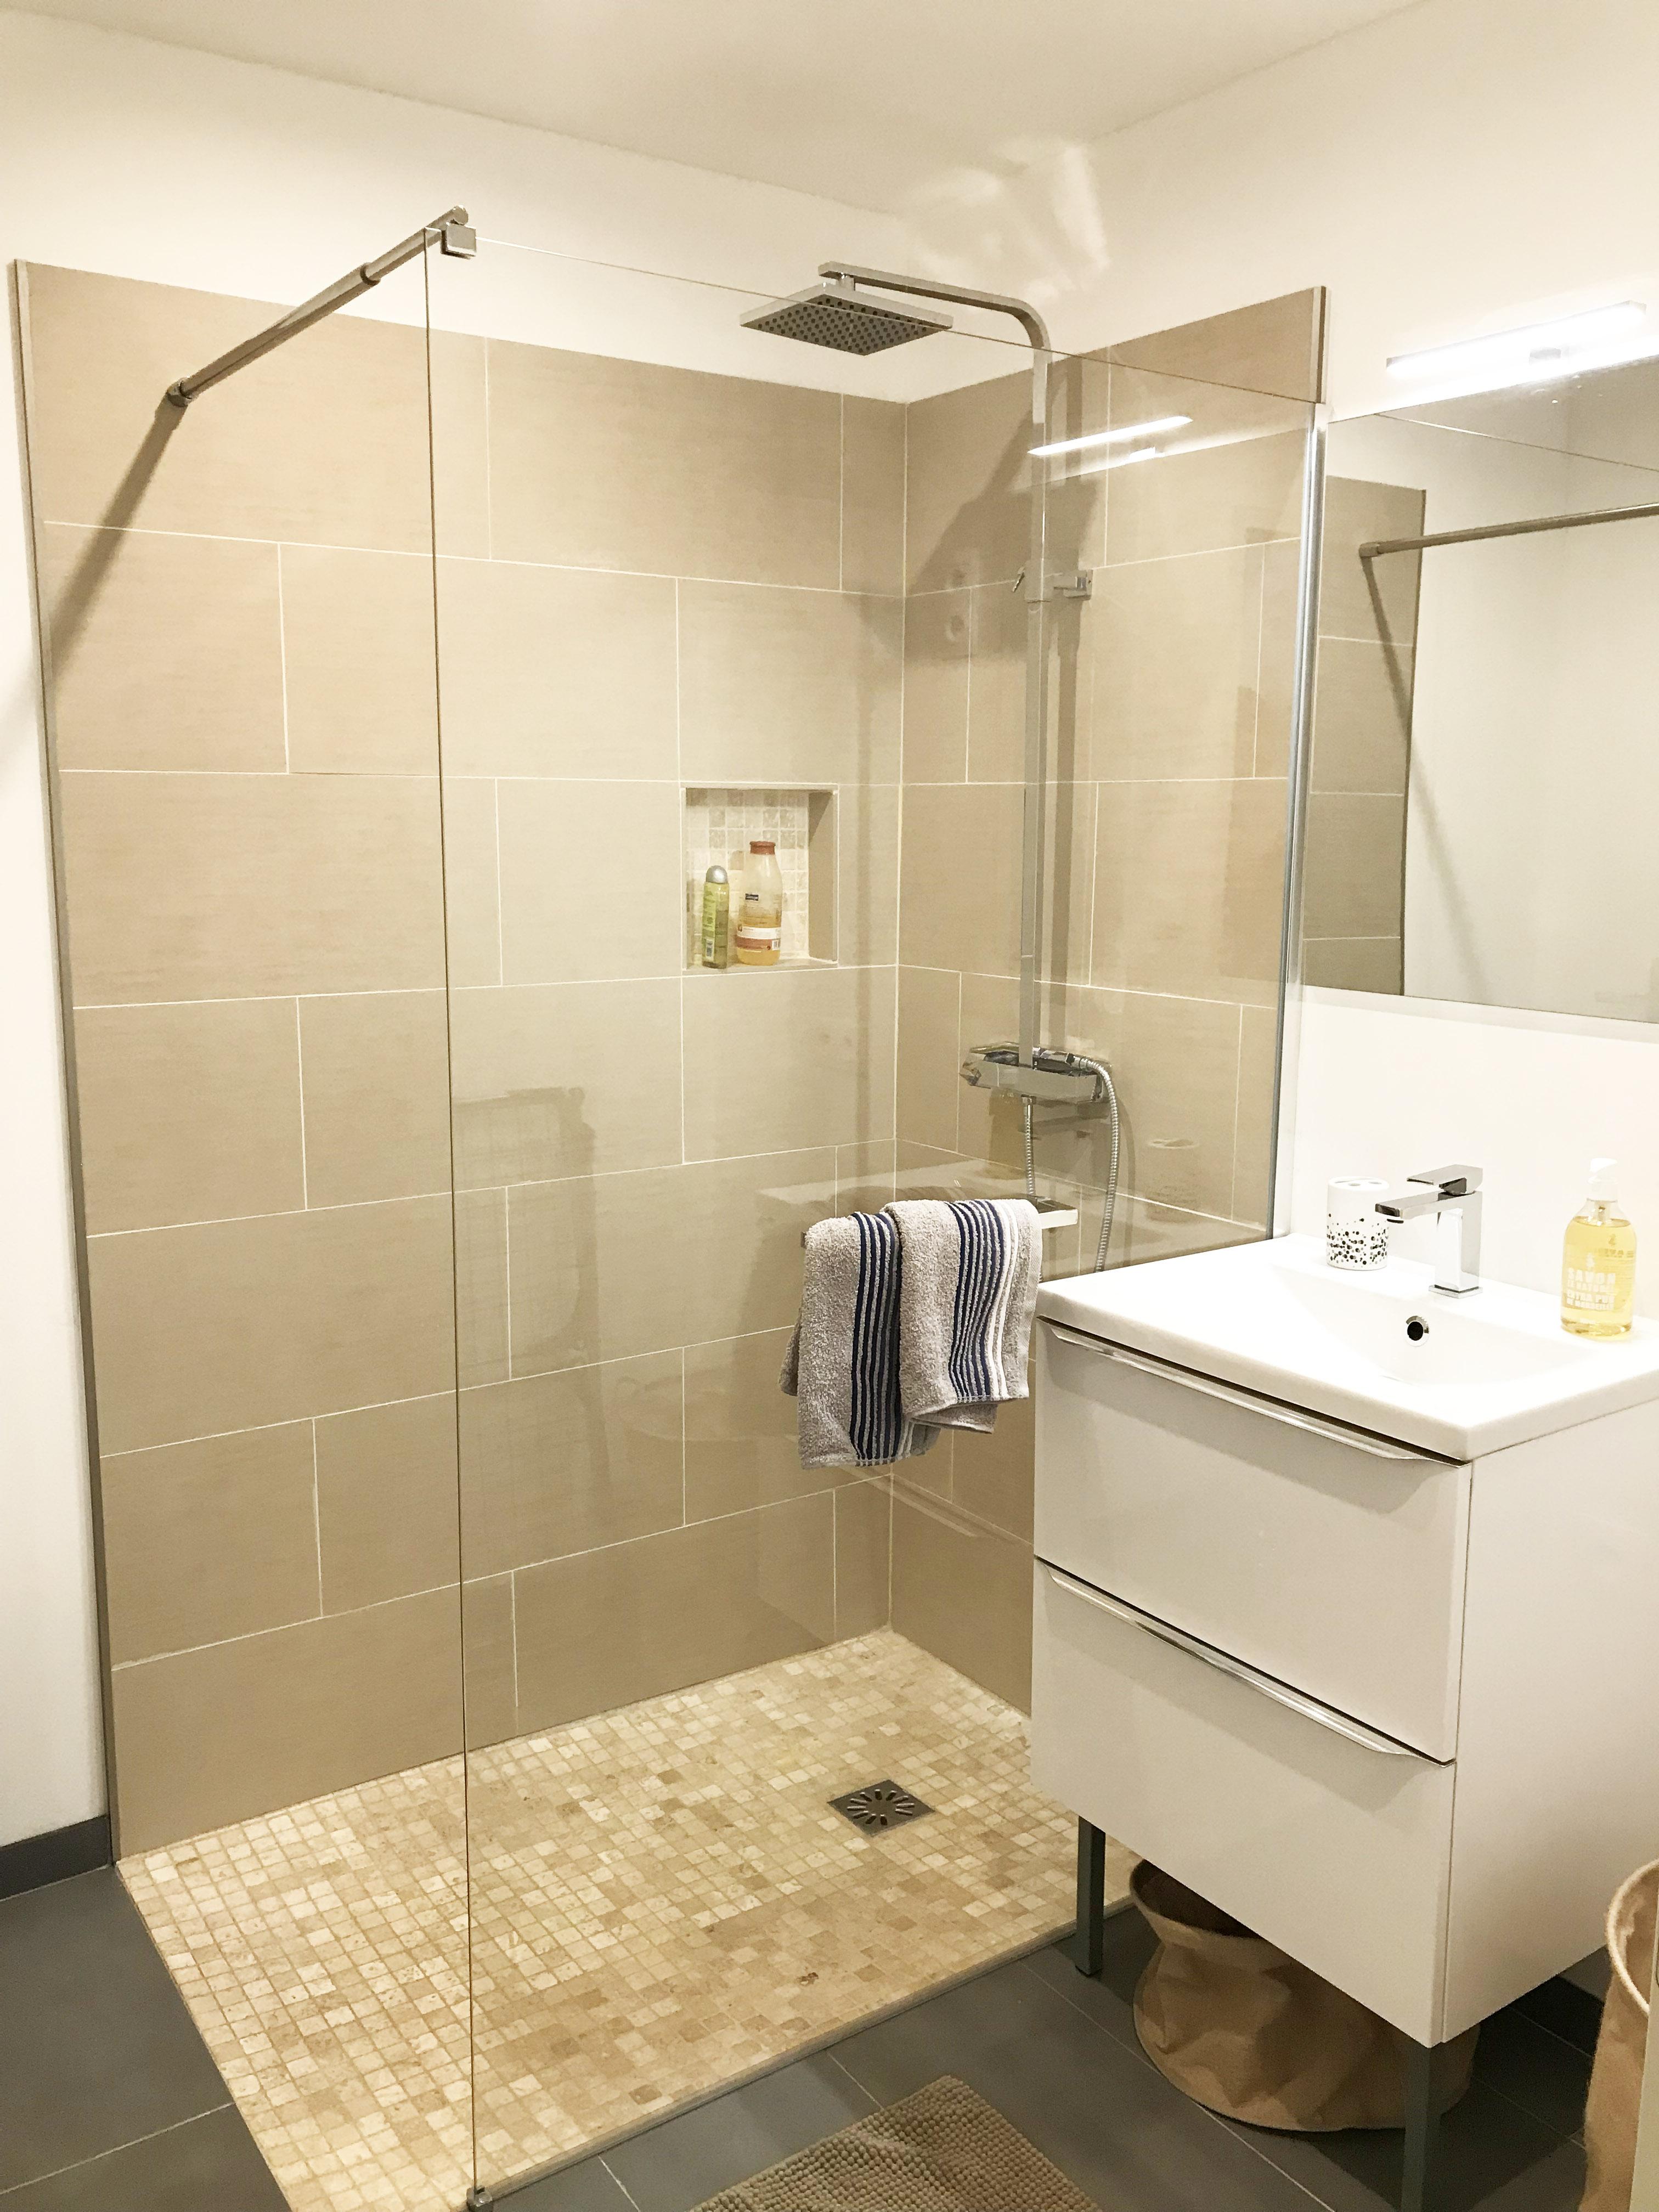 Amenagement Petite Salle De Bain Wc ▷ rénovation de salle de bain montpellier, le spécialiste n